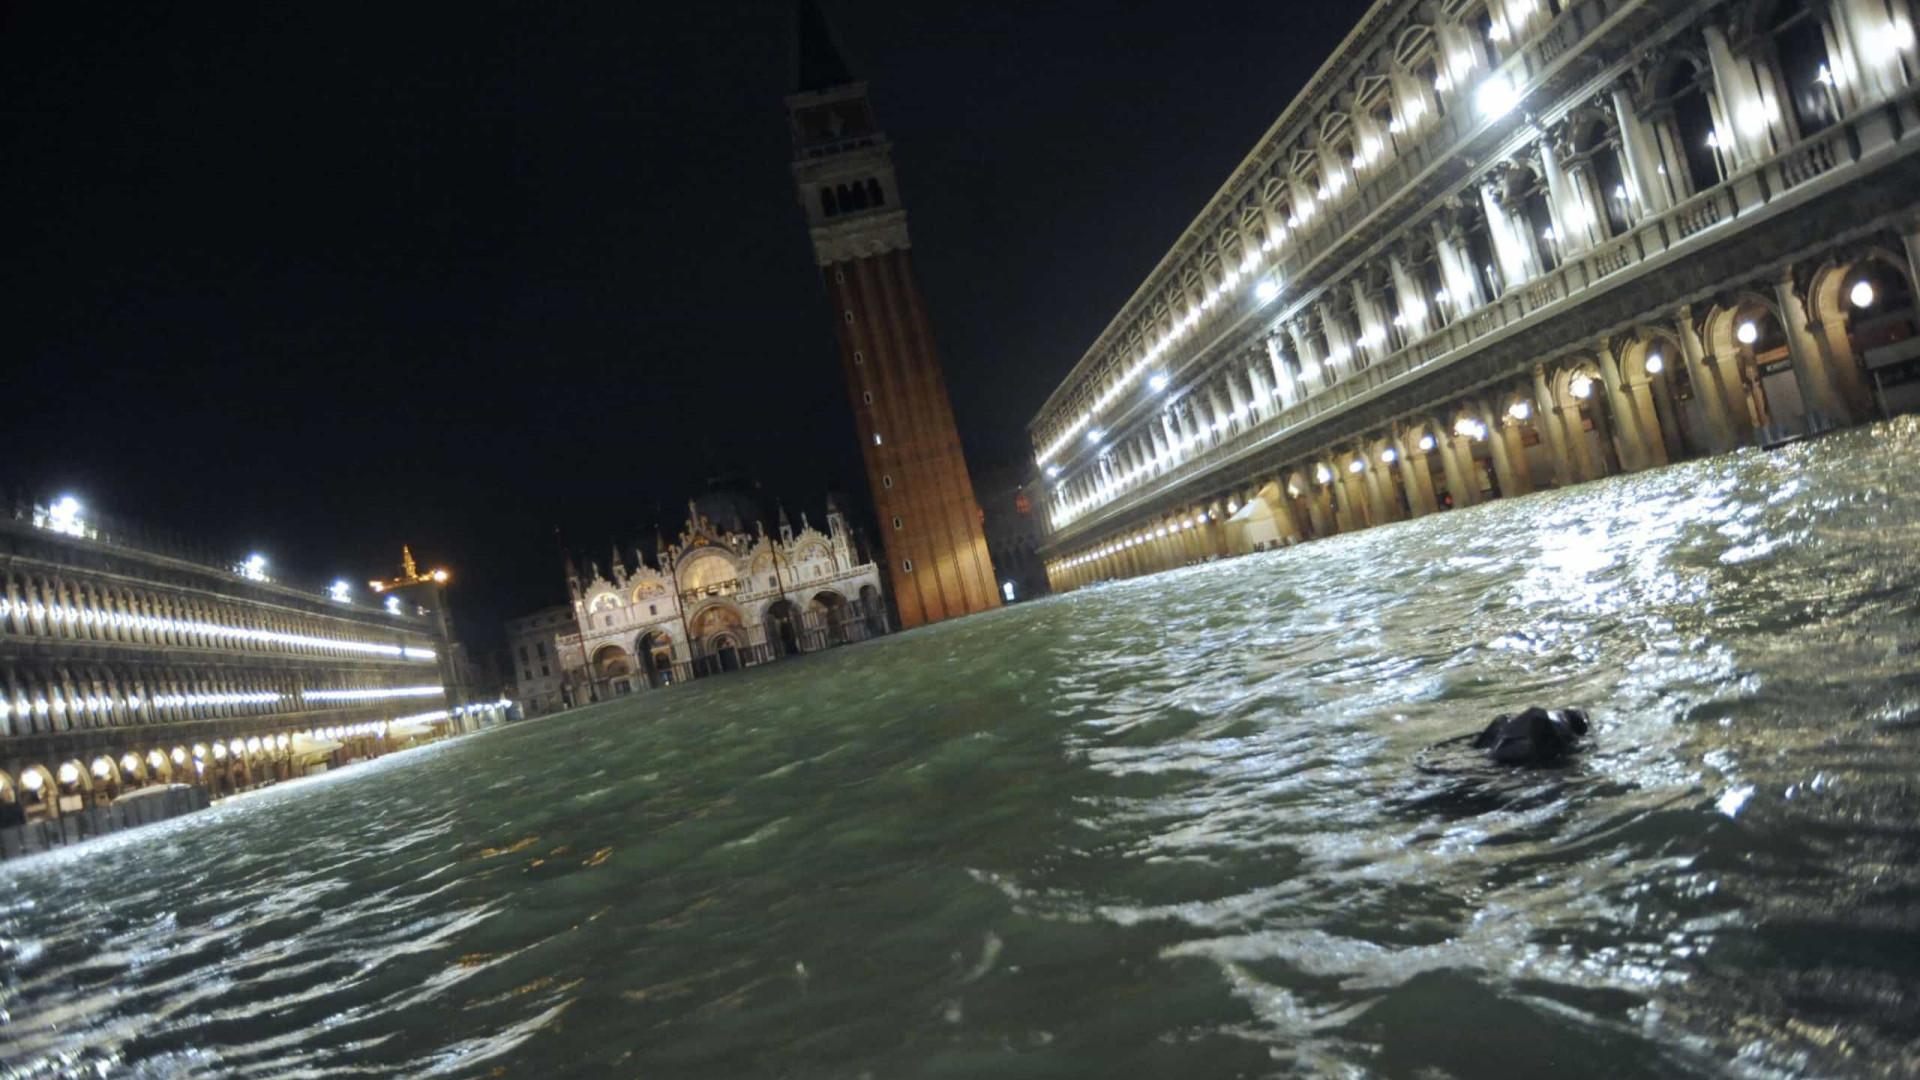 Decretado estado de emergência em Veneza devido às inundações